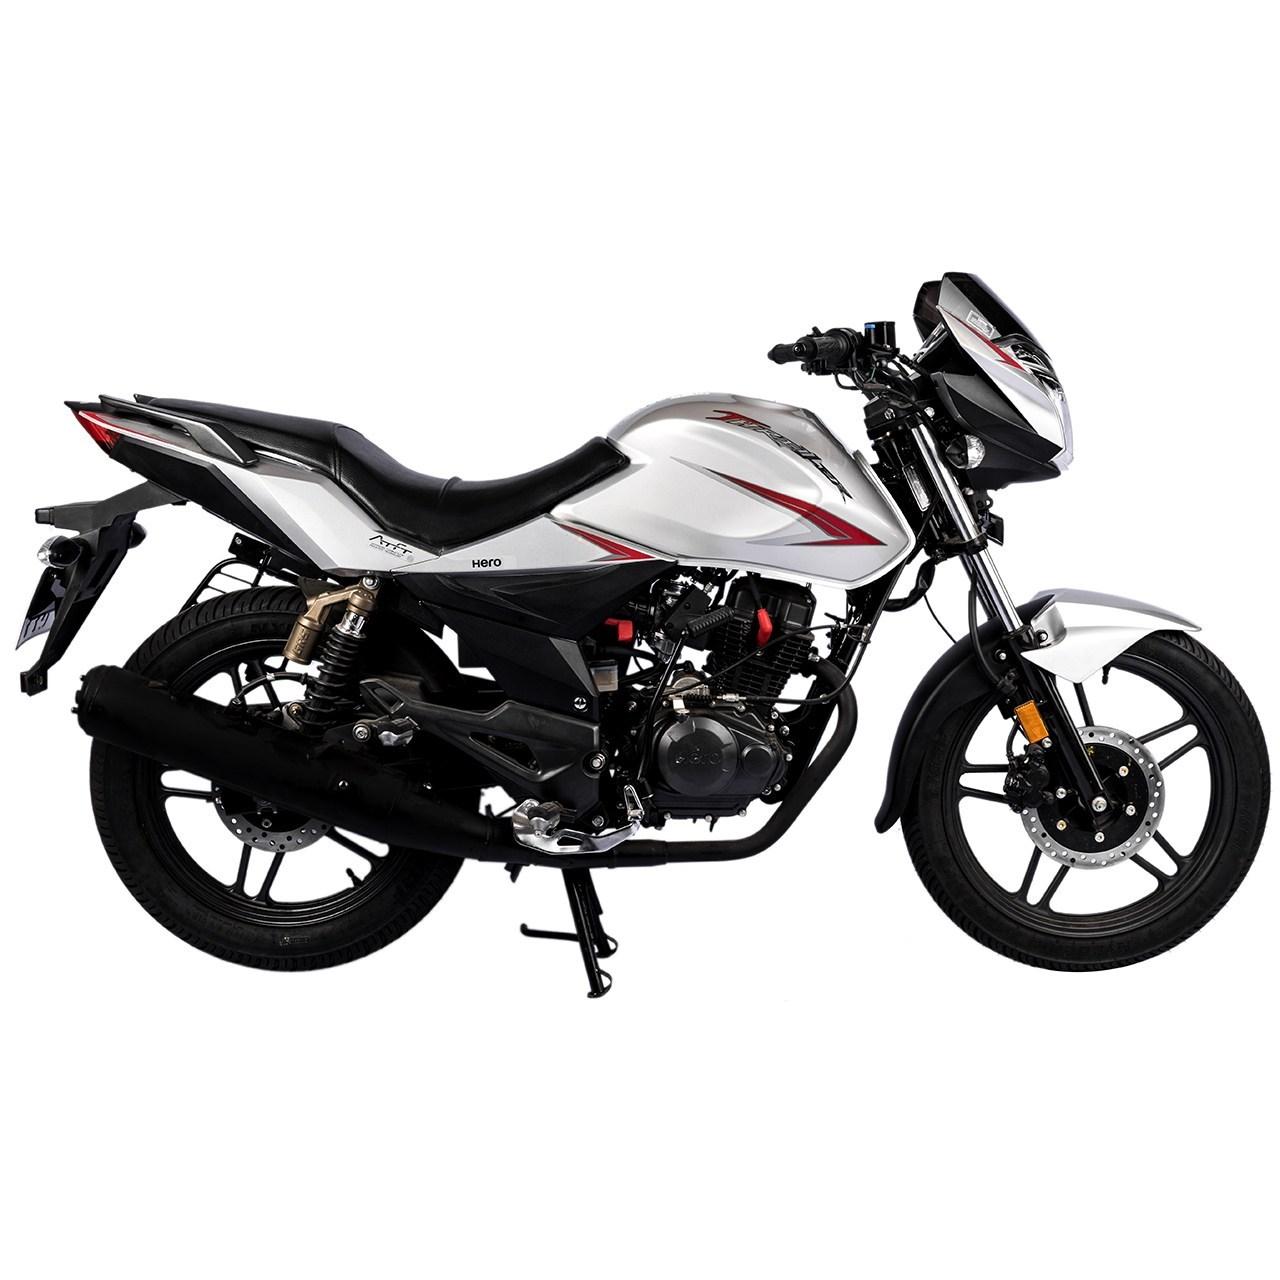 موتورسیکلت هیرو مدل تریلر ۱۵۰ سی سی سال ۱۳۹۵